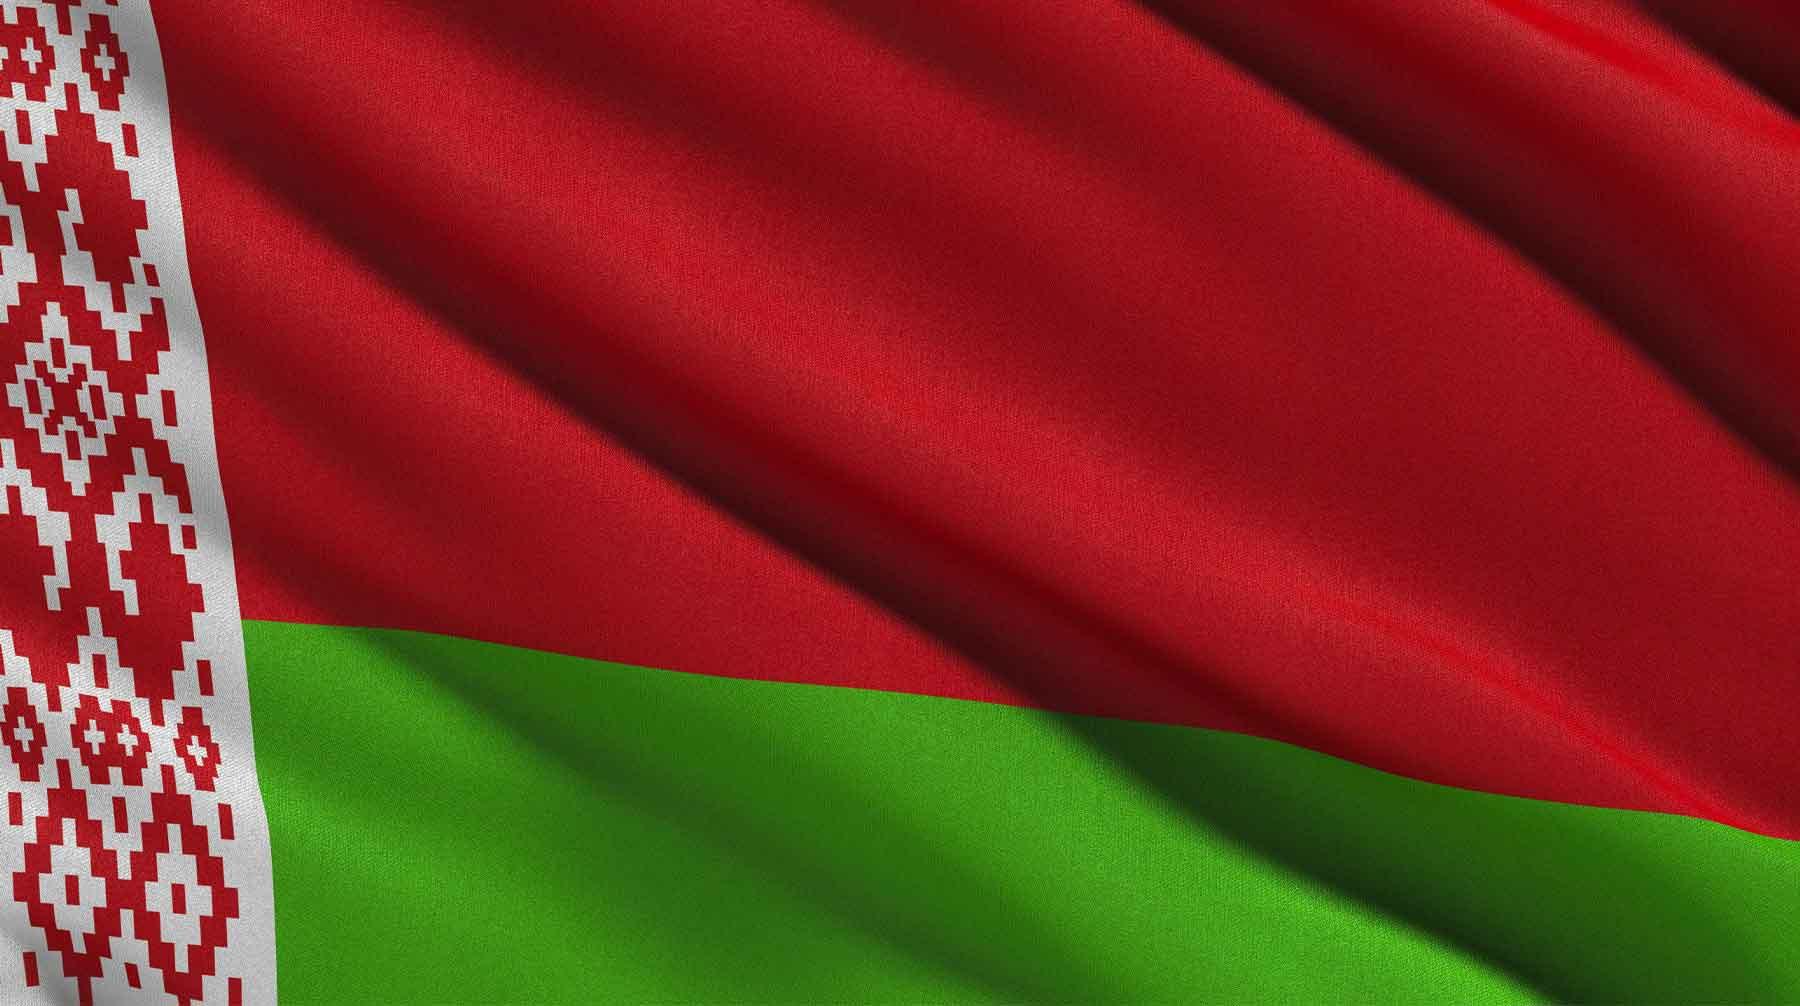 стало найти фото белорусский флаг различные лимоны листьями